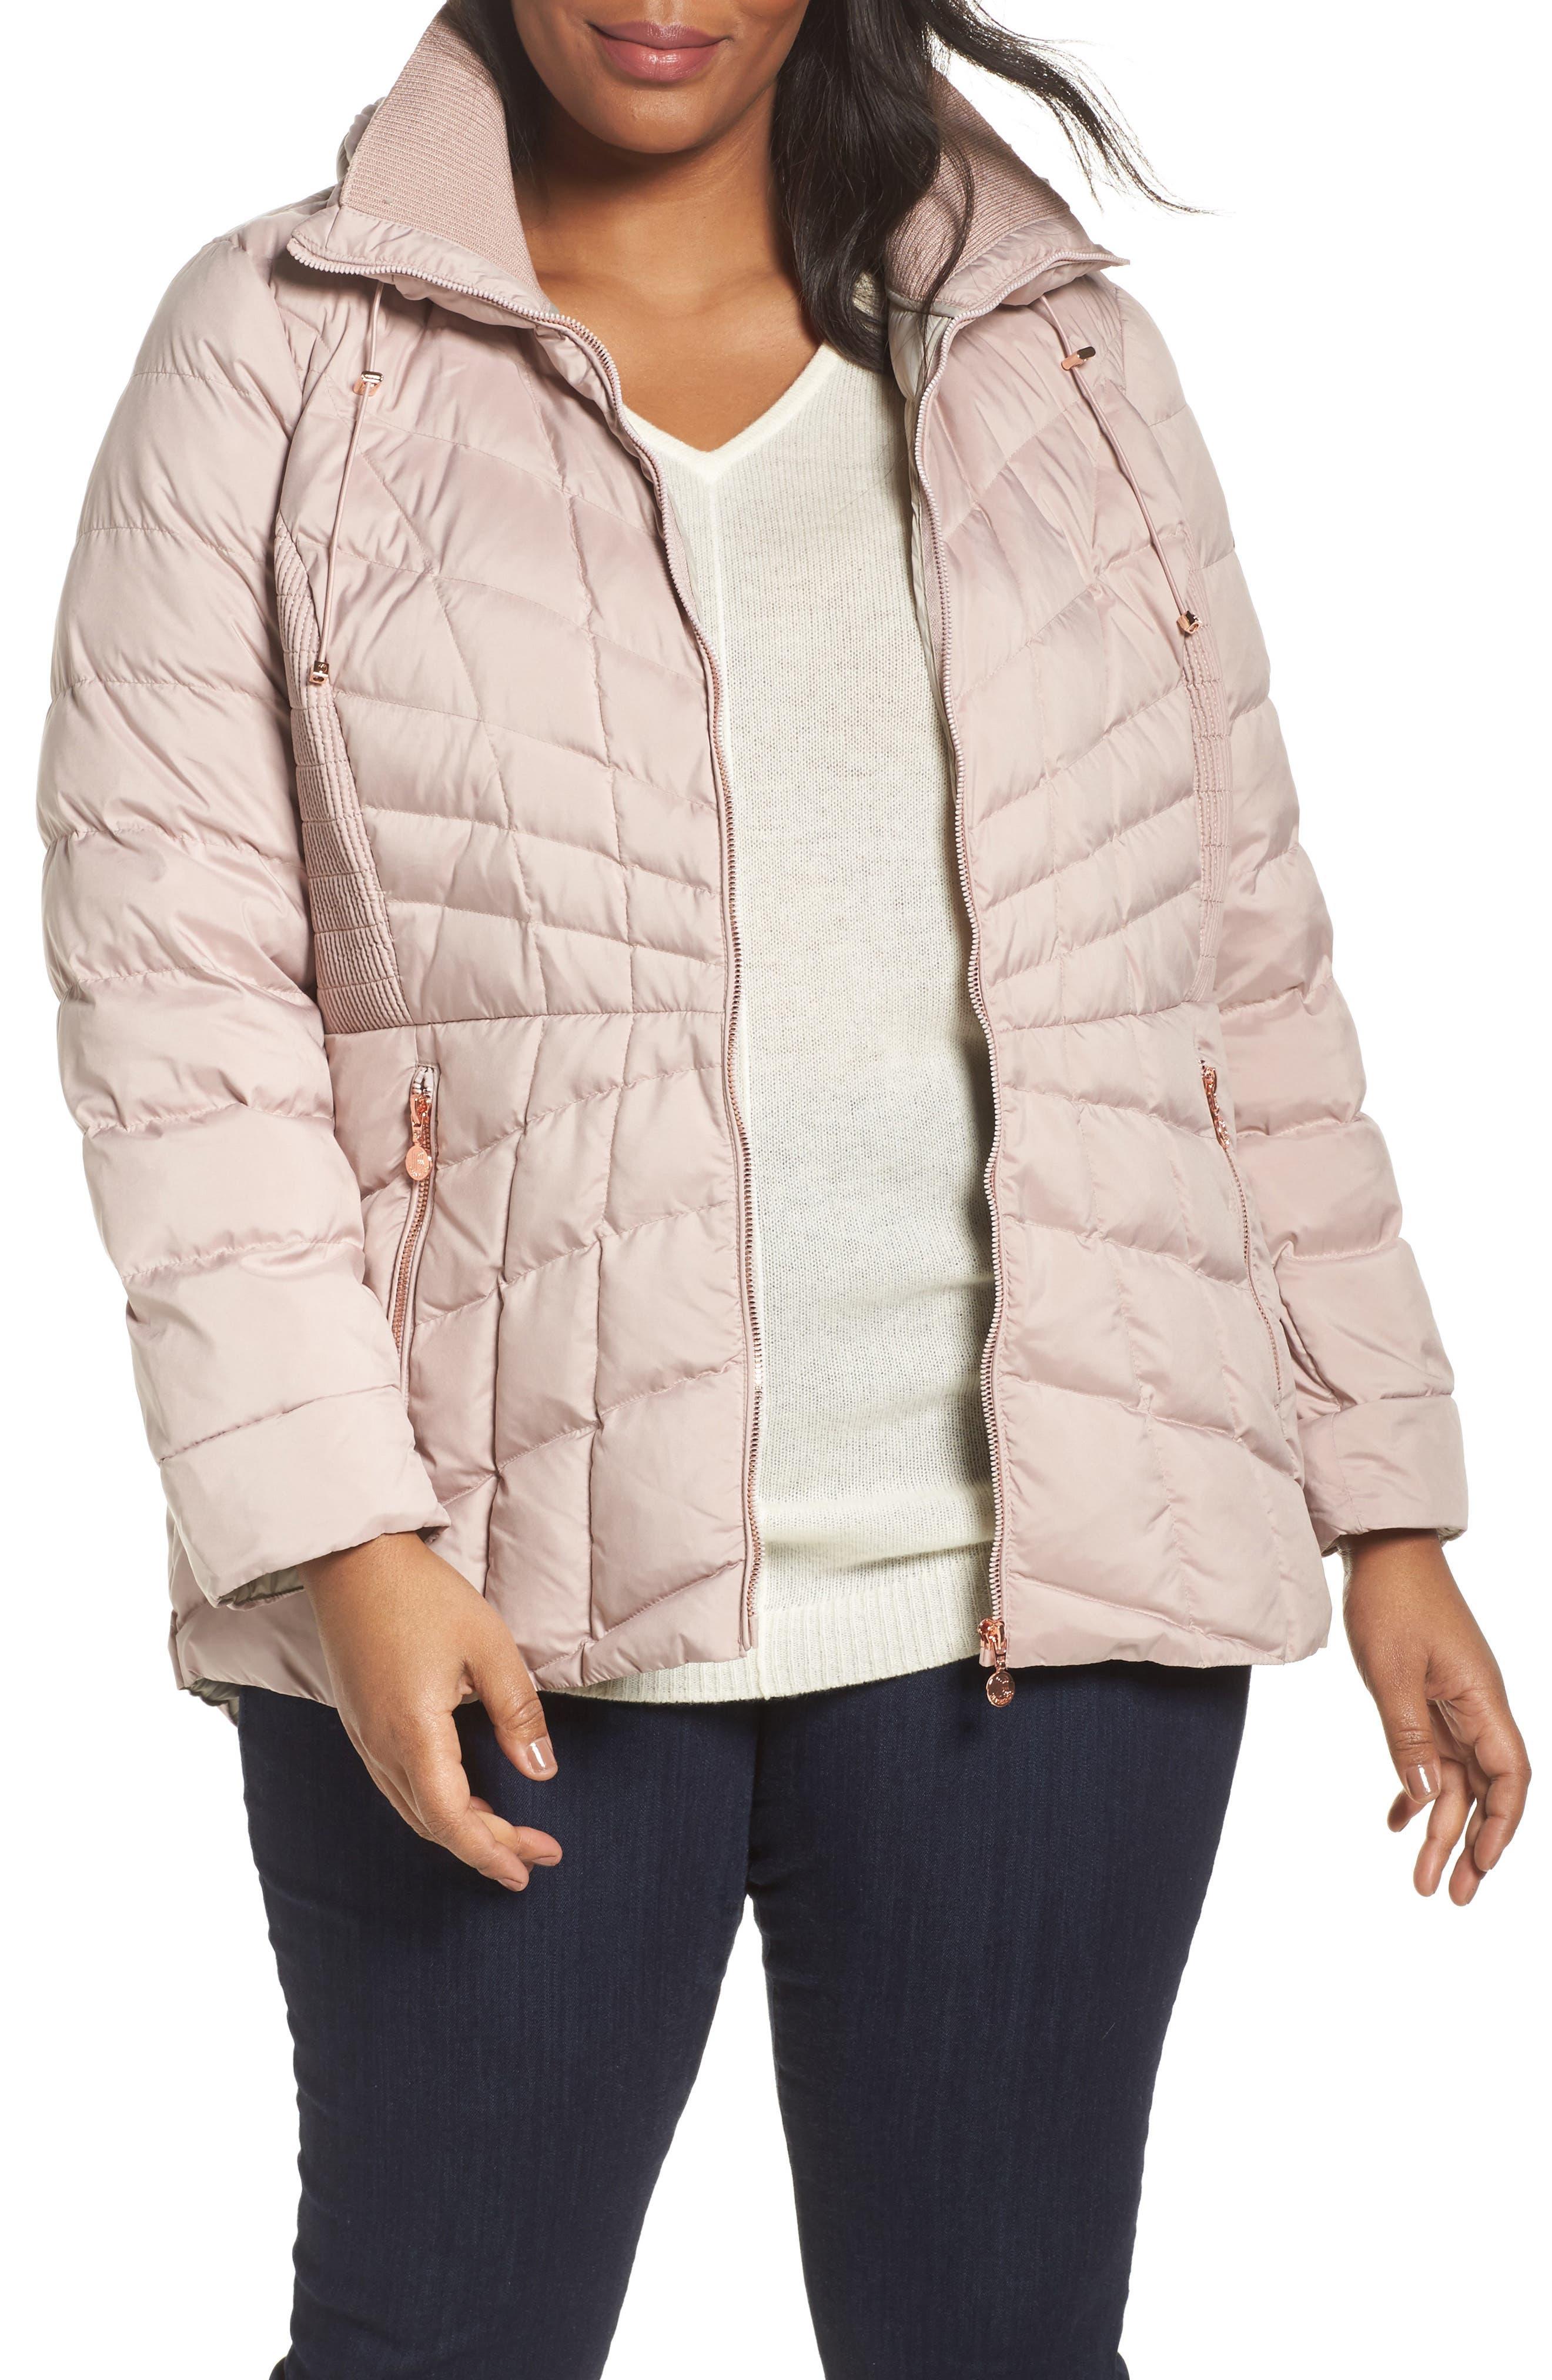 Packable Water Resistant Down & PrimaLoft<sup>®</sup> Coat,                         Main,                         color, Petal Pink/ Snow Leopard